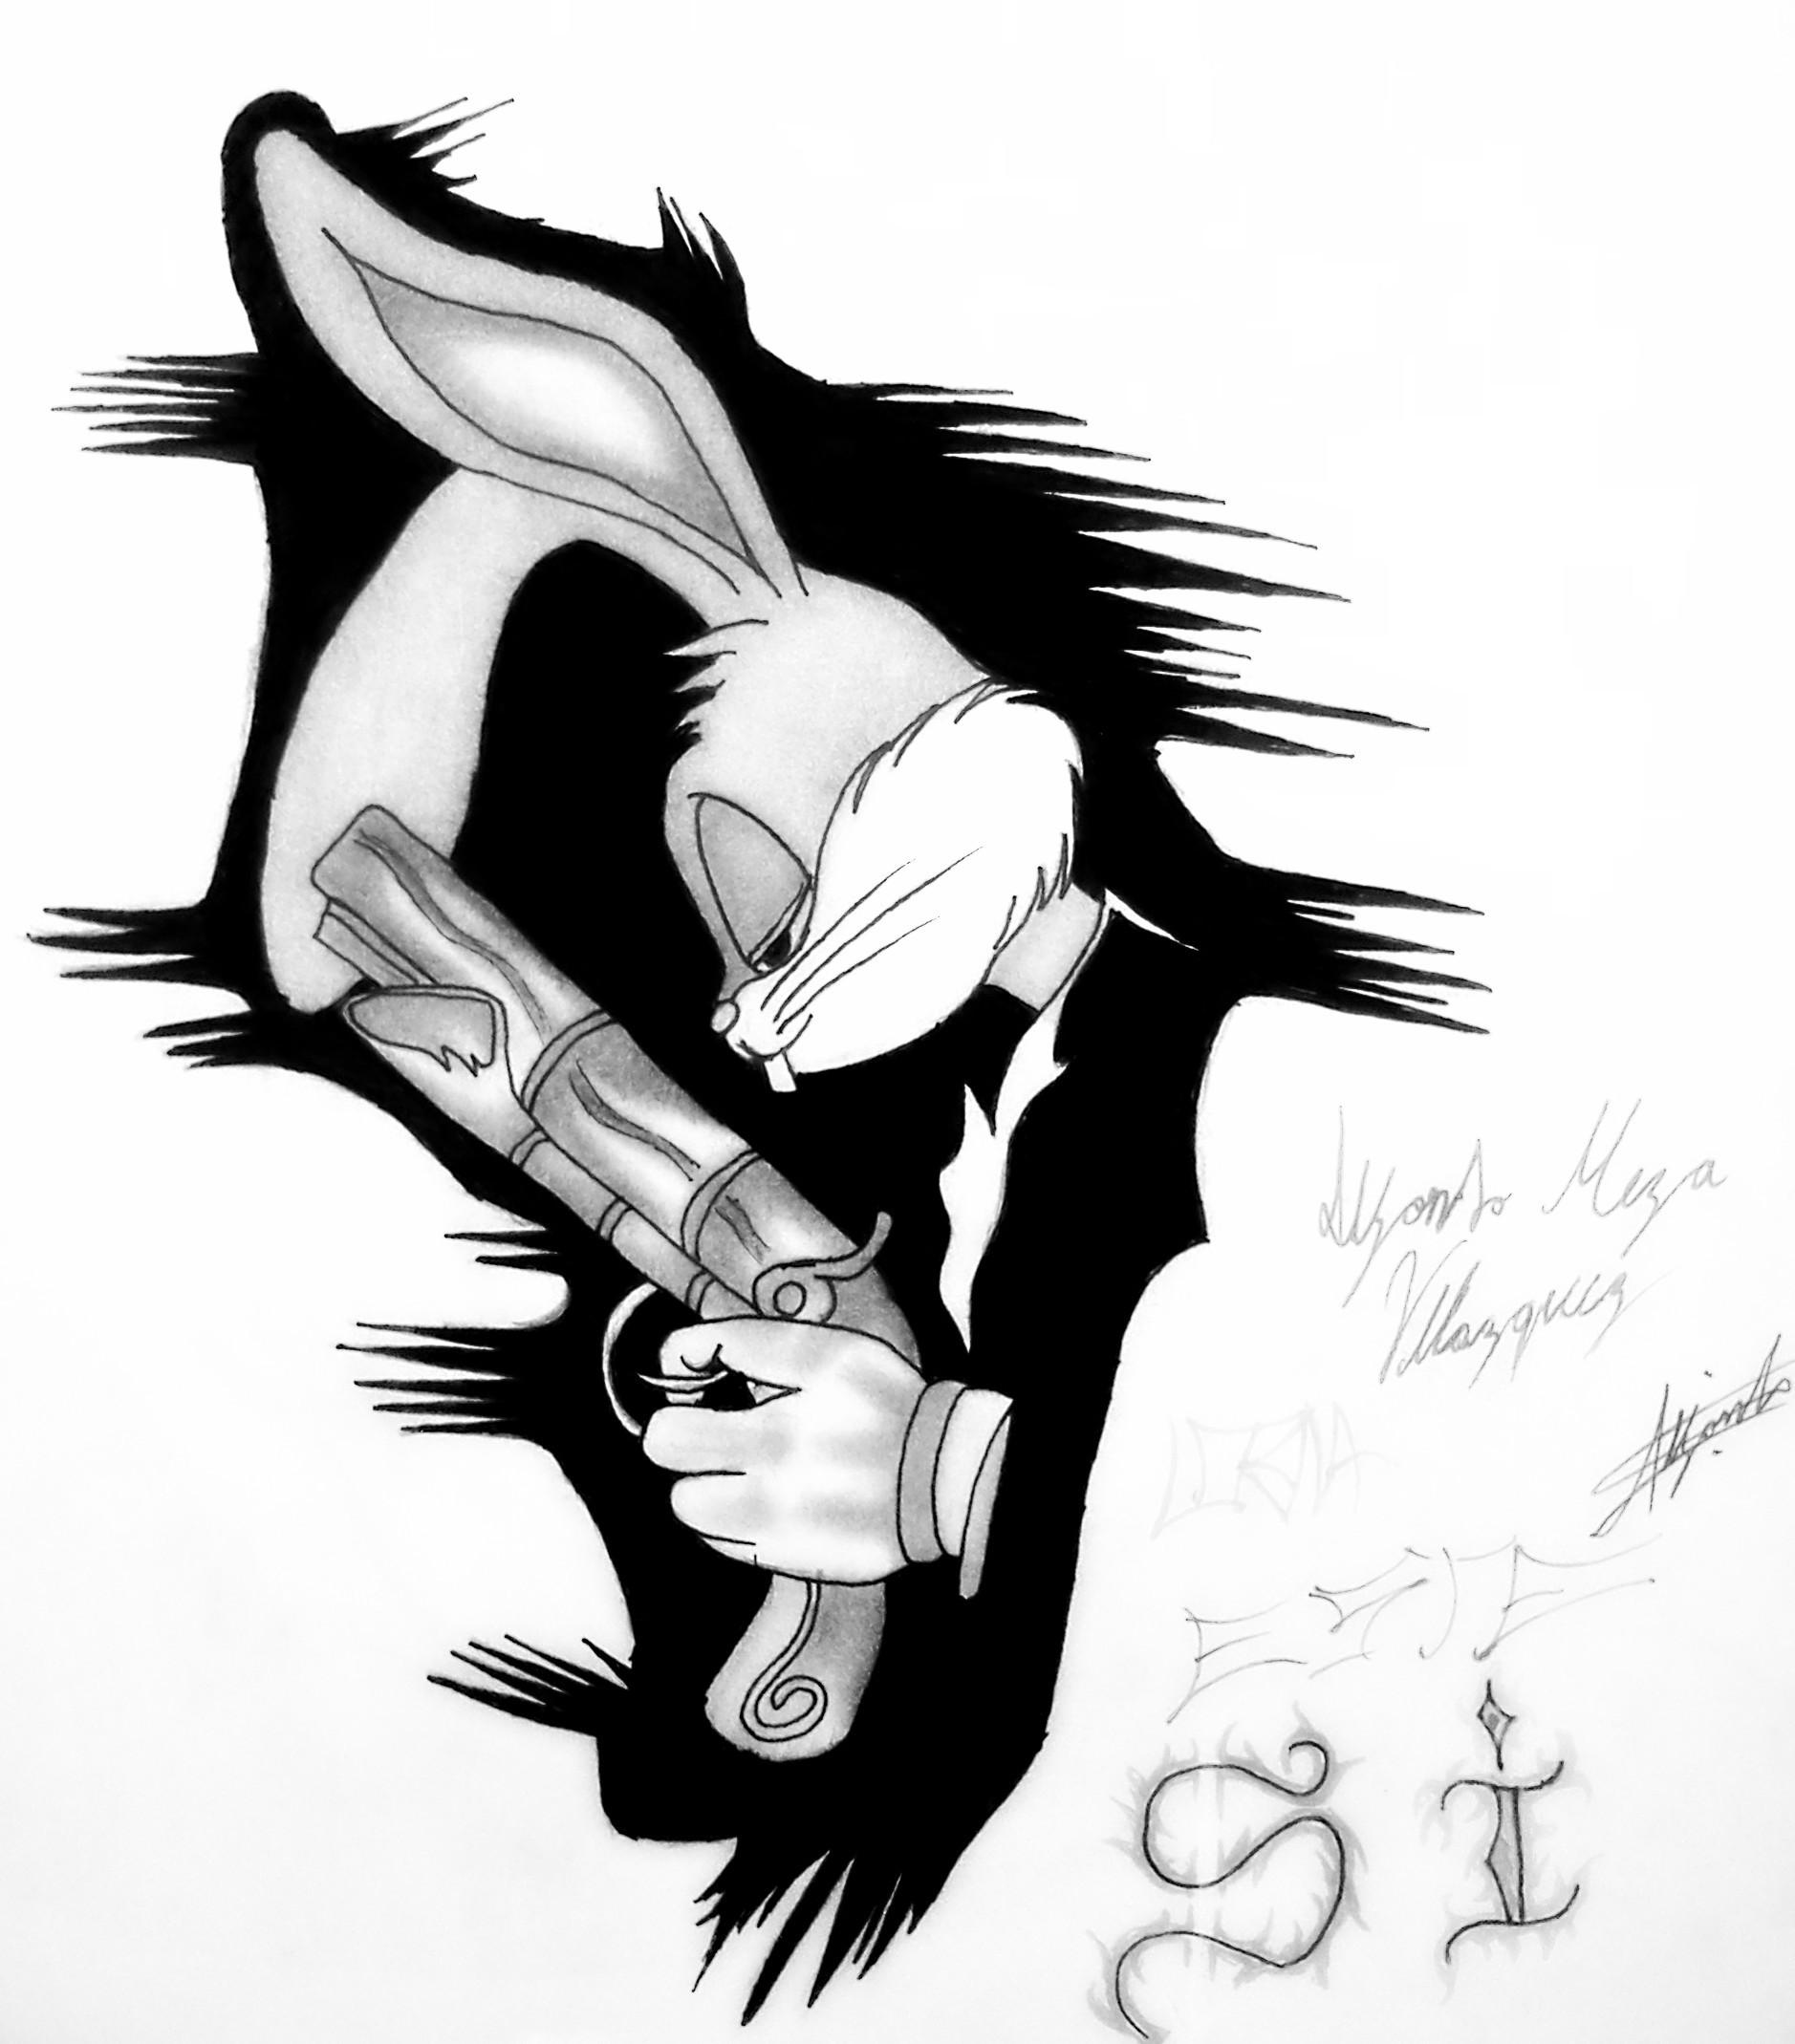 Res: 1878x2139, Bugs Bunny Gangsta Desktop Wallpaper 26134